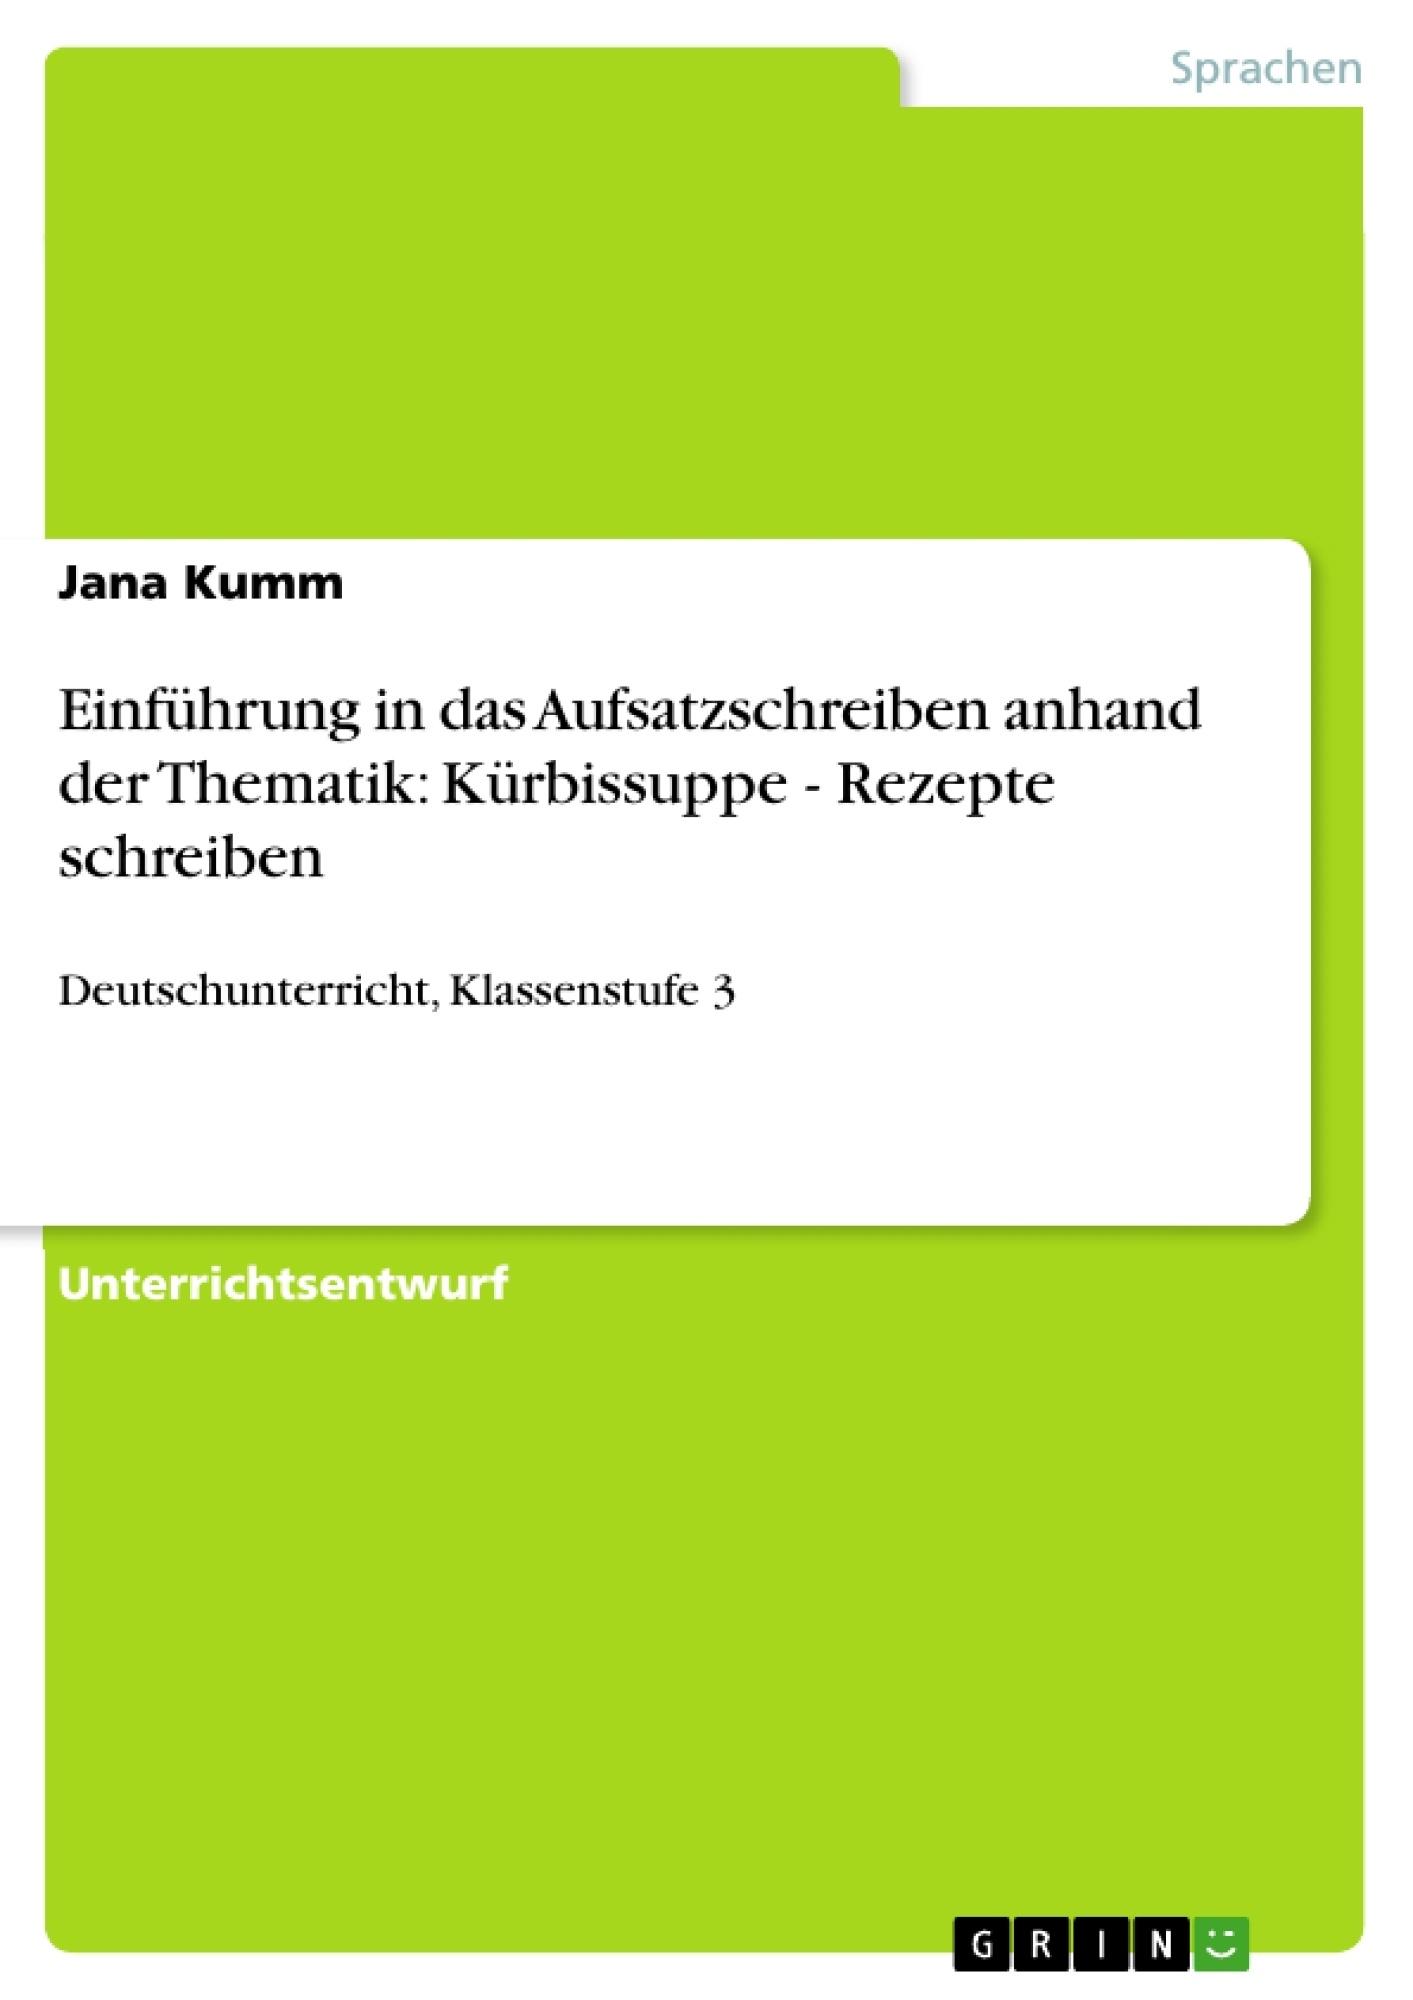 Titel: Einführung in das Aufsatzschreiben anhand der Thematik: Kürbissuppe - Rezepte schreiben